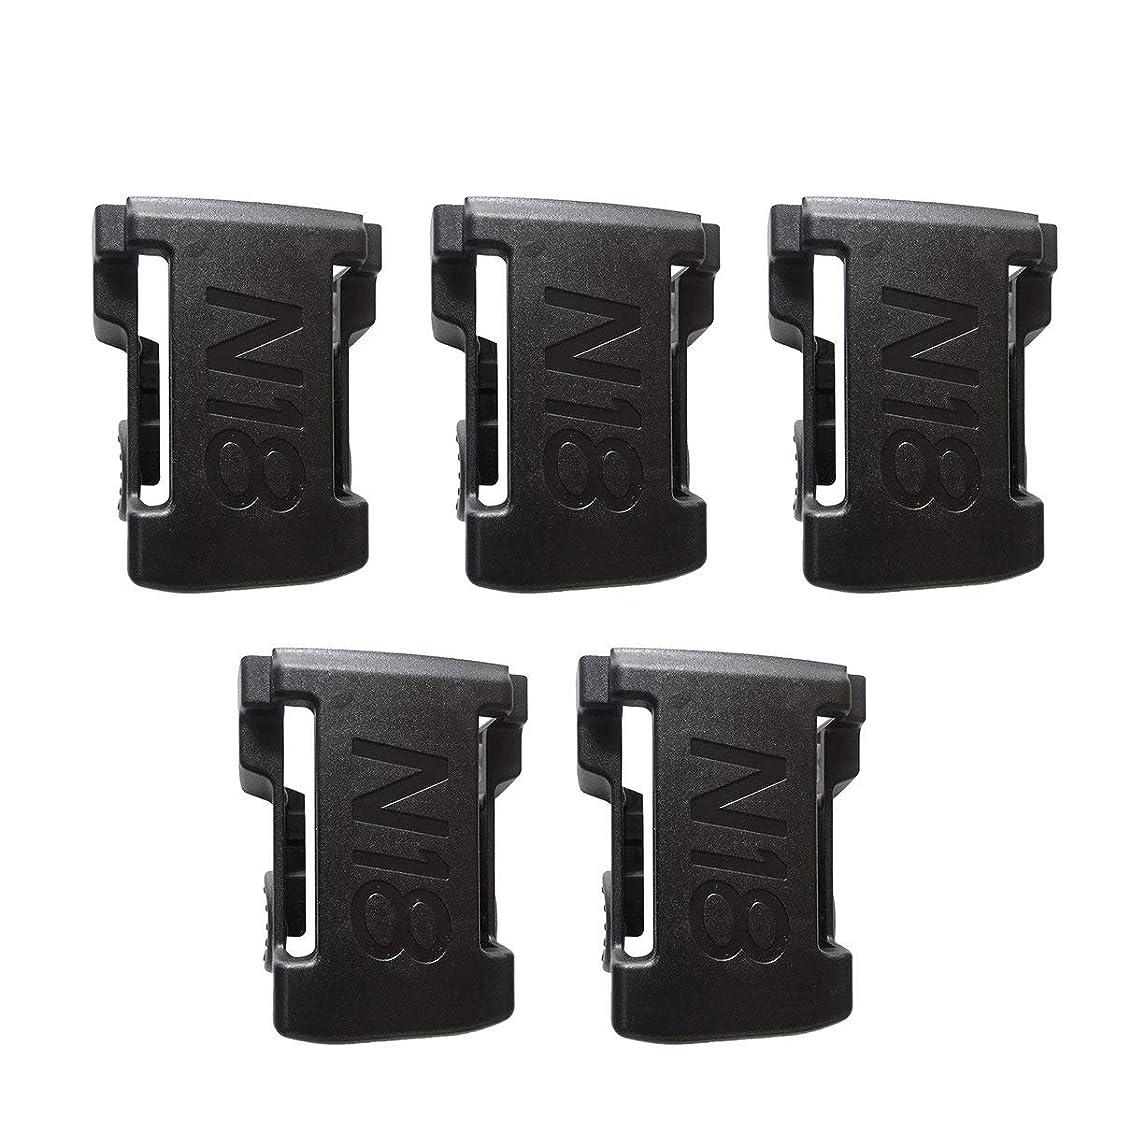 有毒なクッションオーナー5PCS Battery Mounts for M18 48-11-1850 Storage Shelf Rack Stand Holder Slots Hanger Electric Drill Battery Tools Accessories - Black